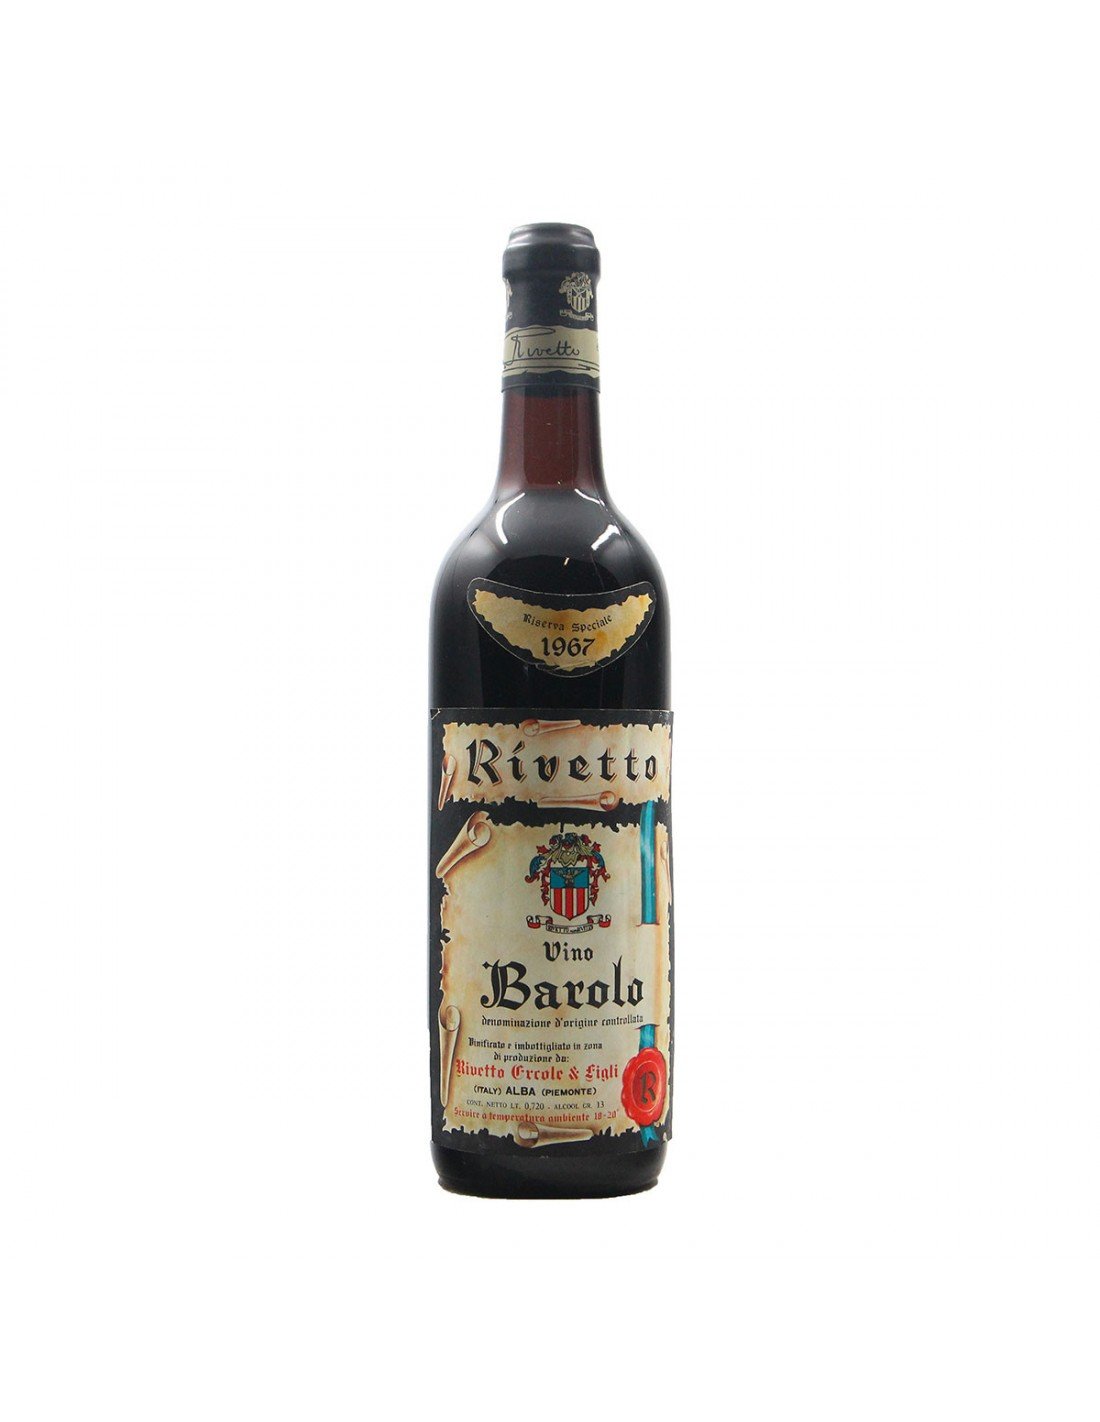 BAROLO RISERVA SPECIALE 1967 RIVETTO ERCOLE Grandi Bottiglie